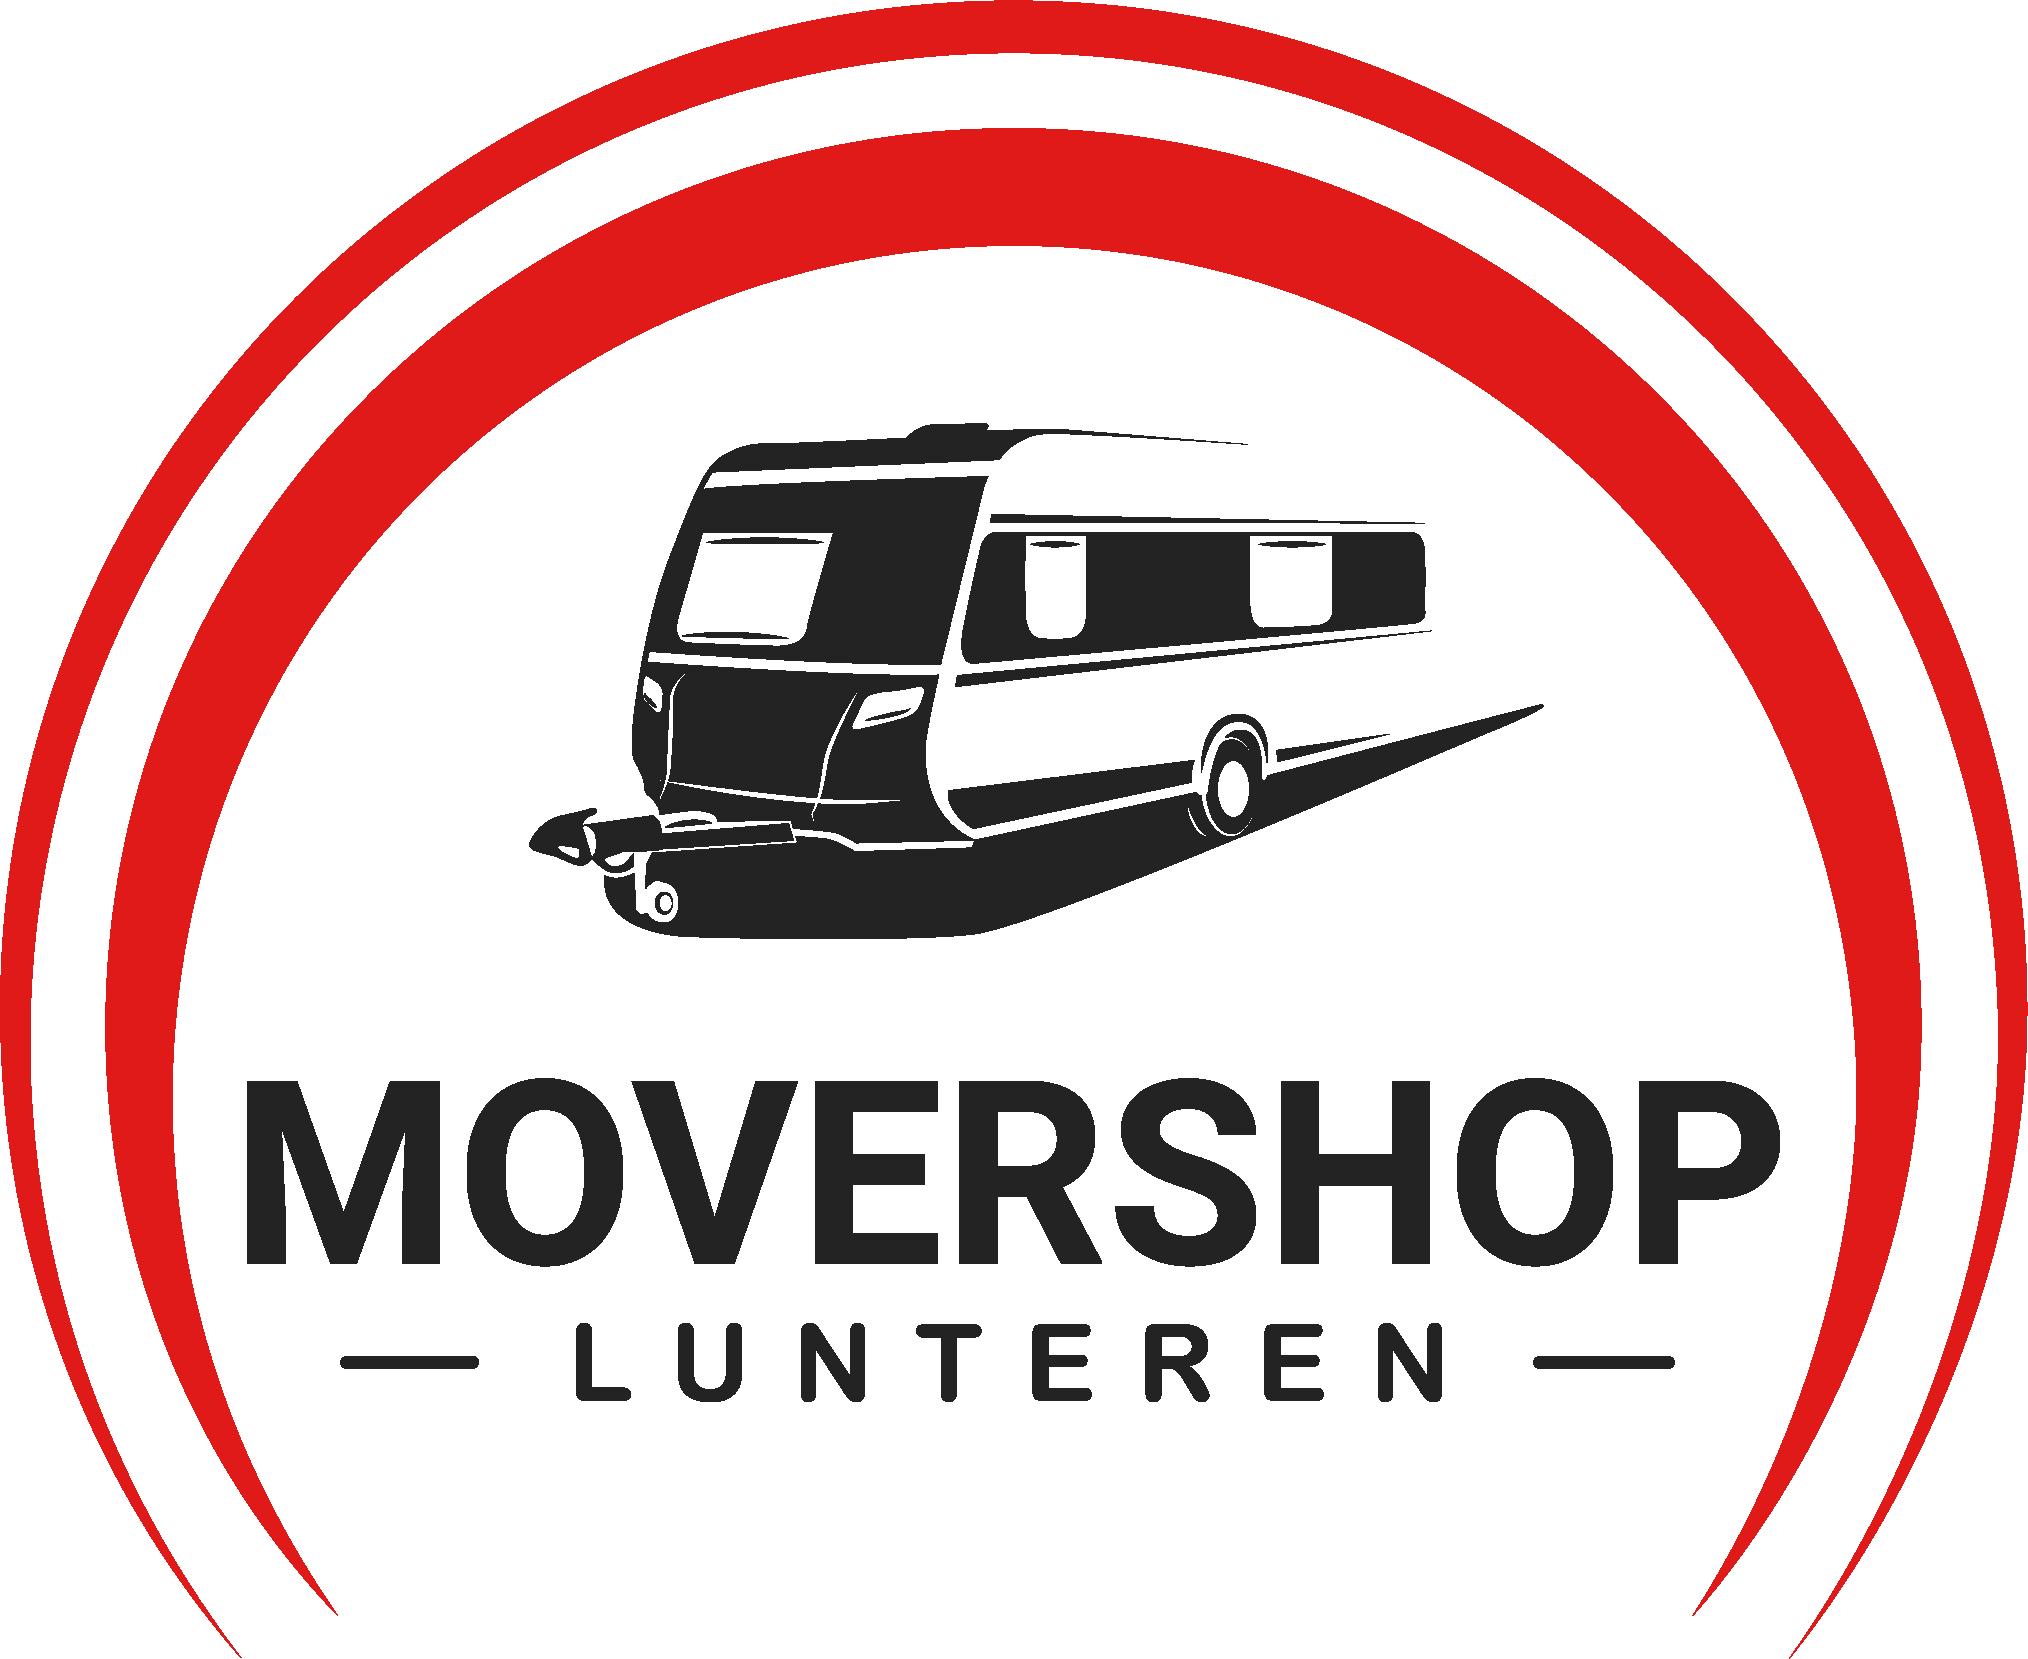 Movershop Lunteren